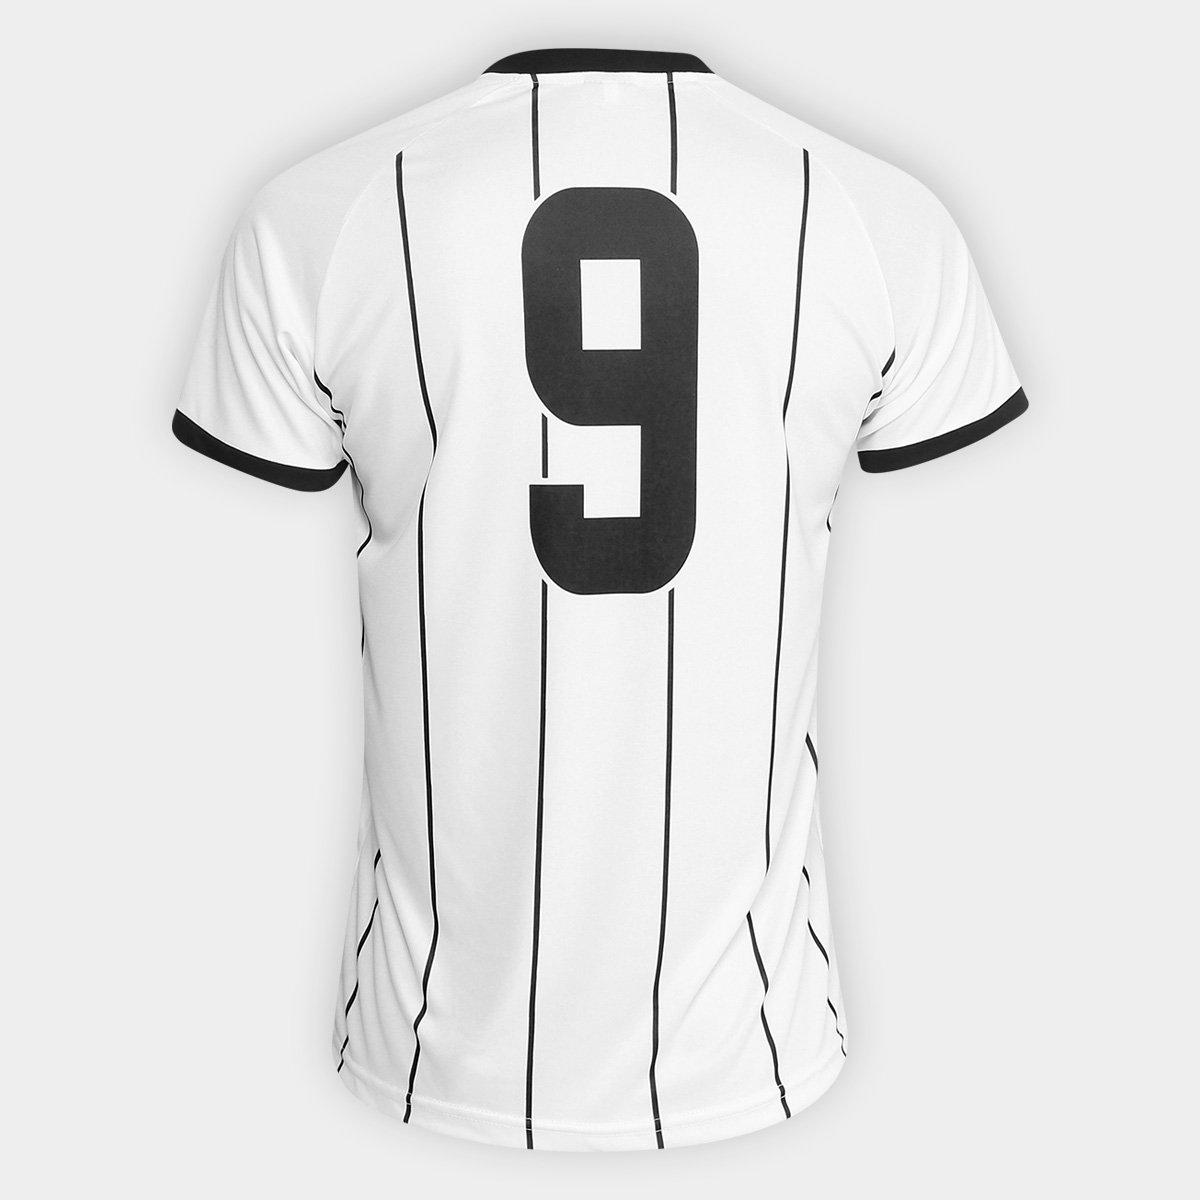 bf7a6f103a ... Camisa Corinthians Fenomenal - Edição Limitada Torcedor C Patch  Masculina ...